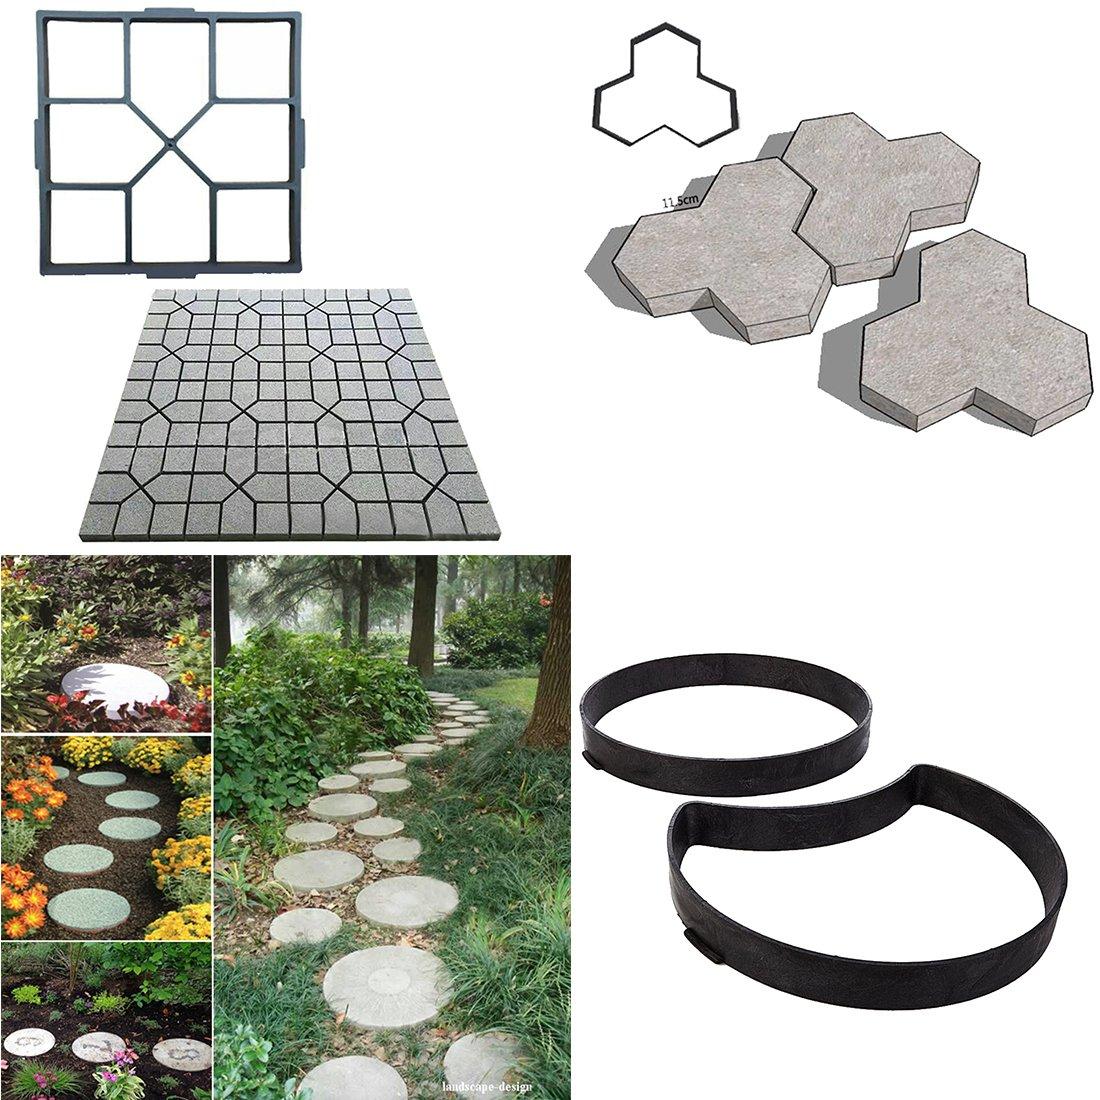 BESTOMZ DIY Molde para Cemento, Molde para Hormigón, Molde para Hacer Pavimentos/Caminos/Suelos de Jardín, Patio, Balcón, Terraza, de Plástico Resistente: ...